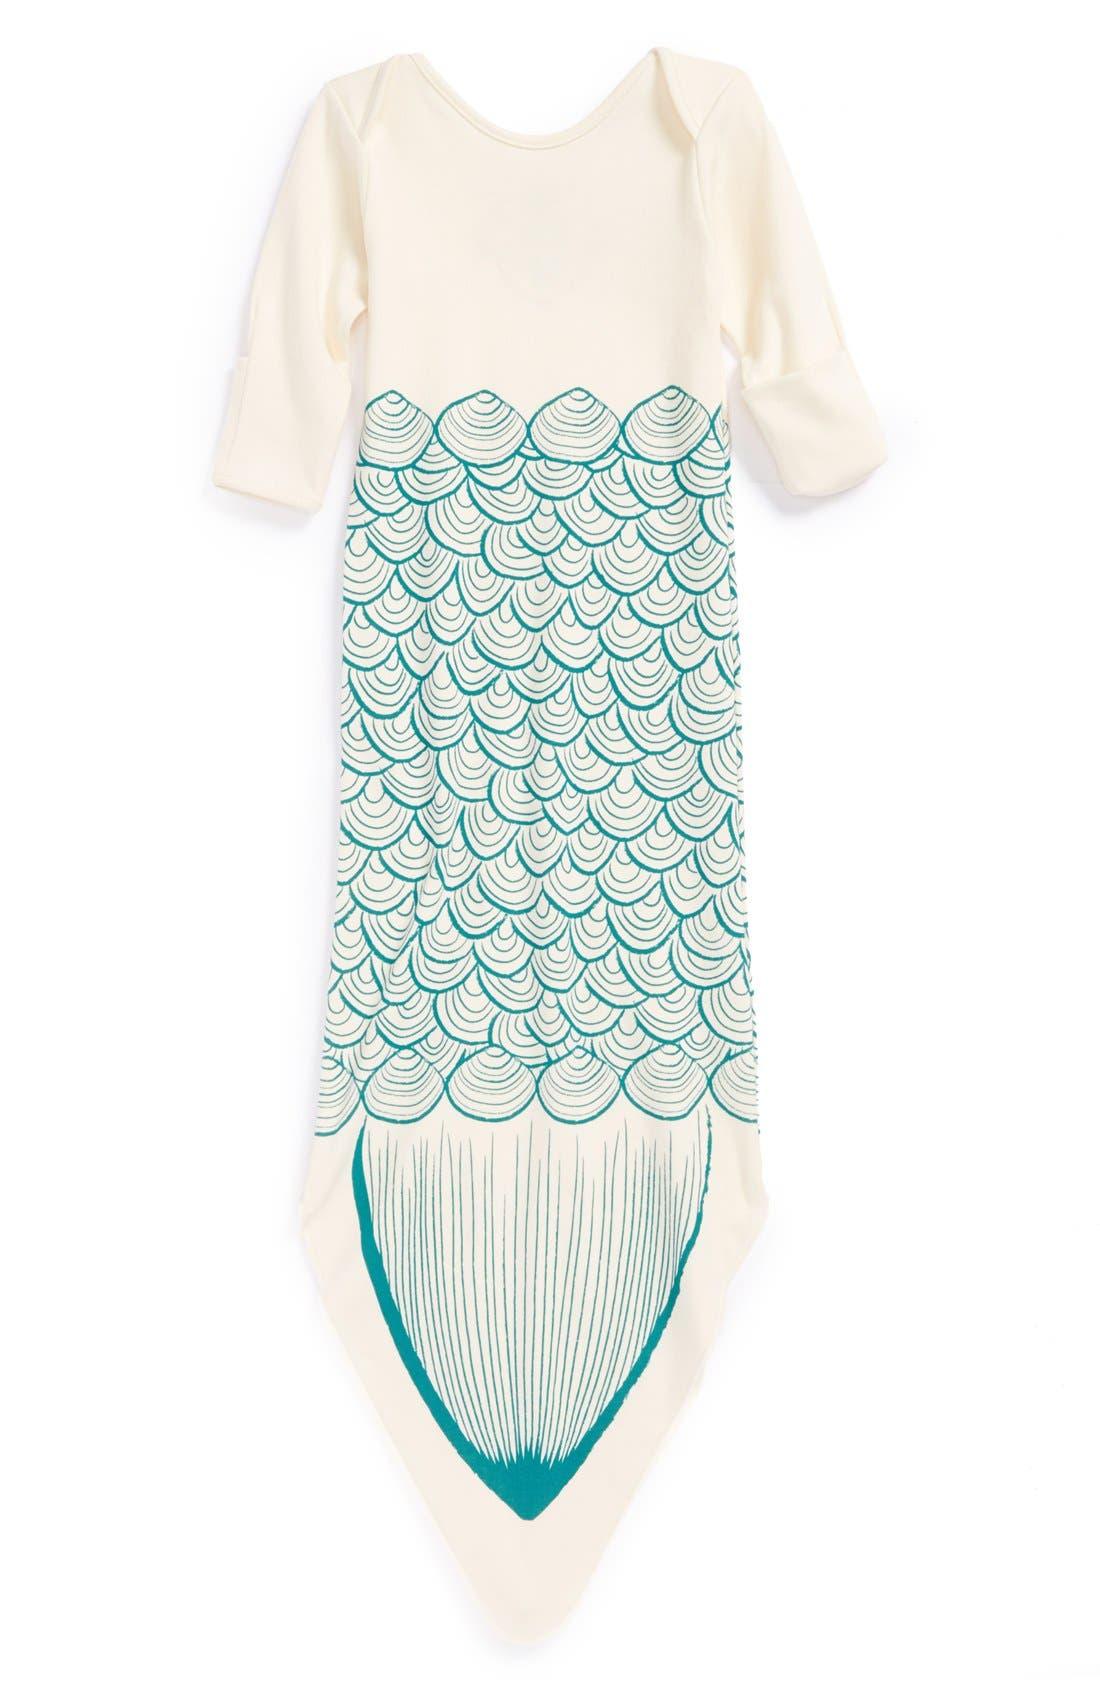 Alternate Image 2  - Electrik Kidz 'Mermaid' Organic Cotton Gown (Baby Girls)